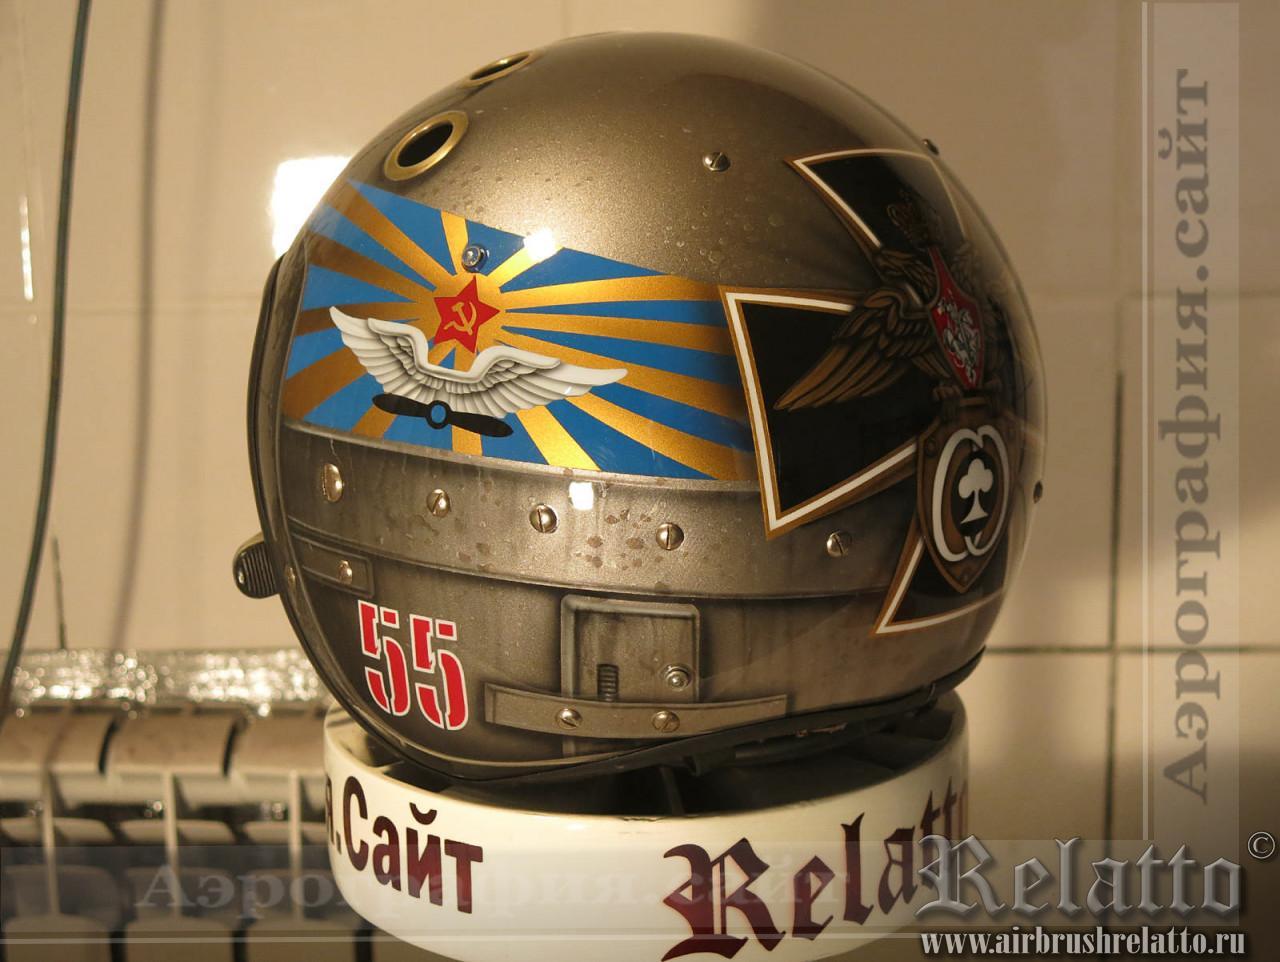 аэрография летный шлем в Краснодаре